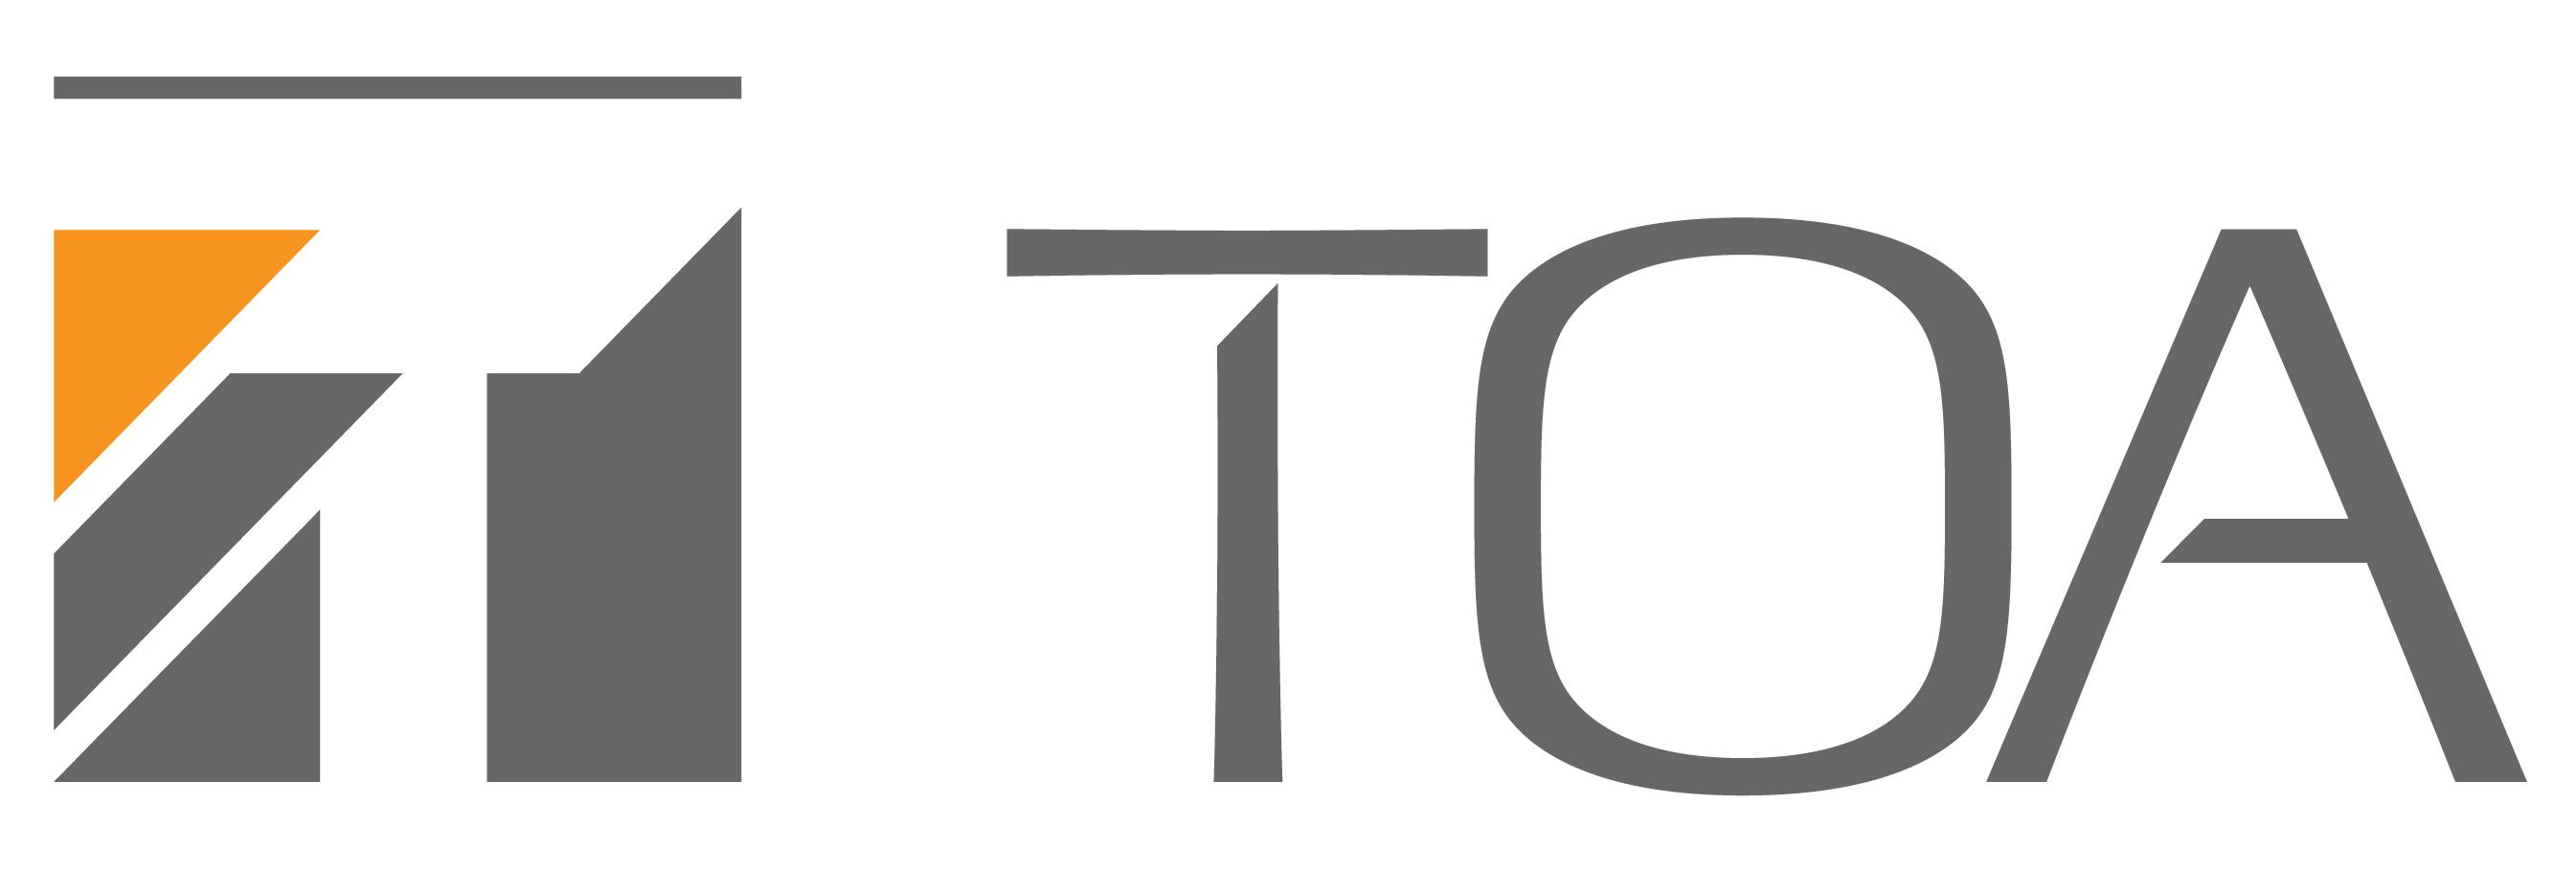 Âm thanh TOA Nhật Bản: Đẳng cấp một thương hiệu